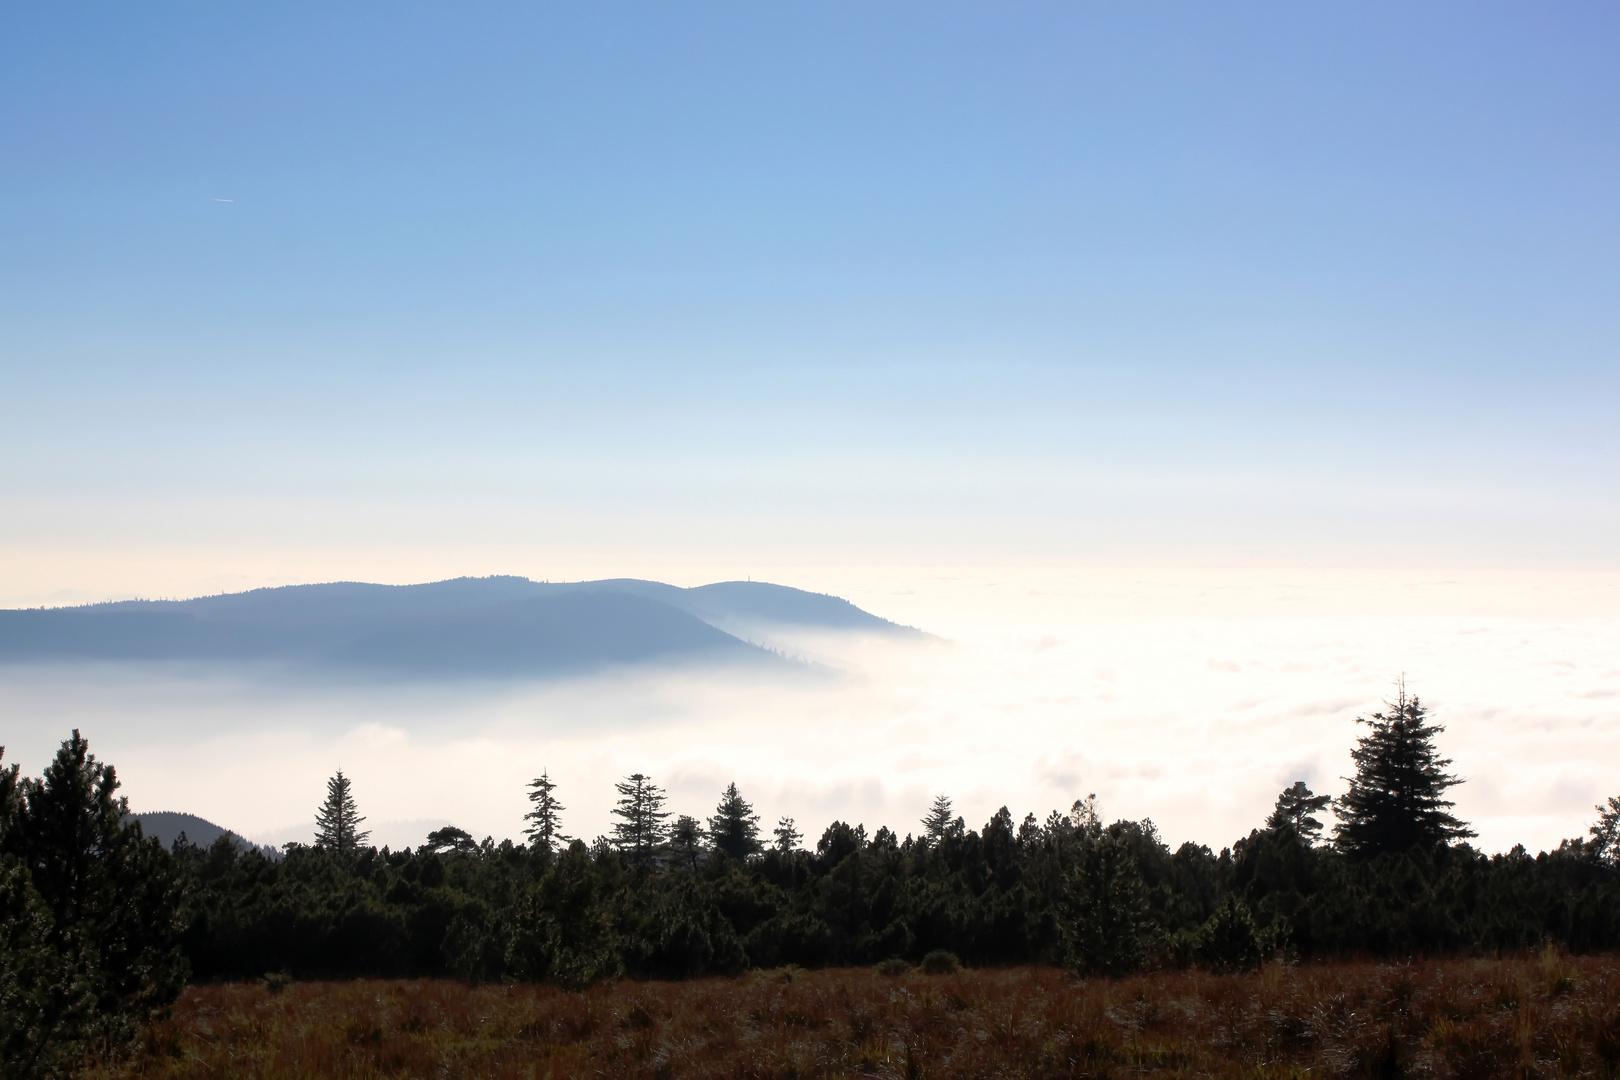 Nebel der inspiriert